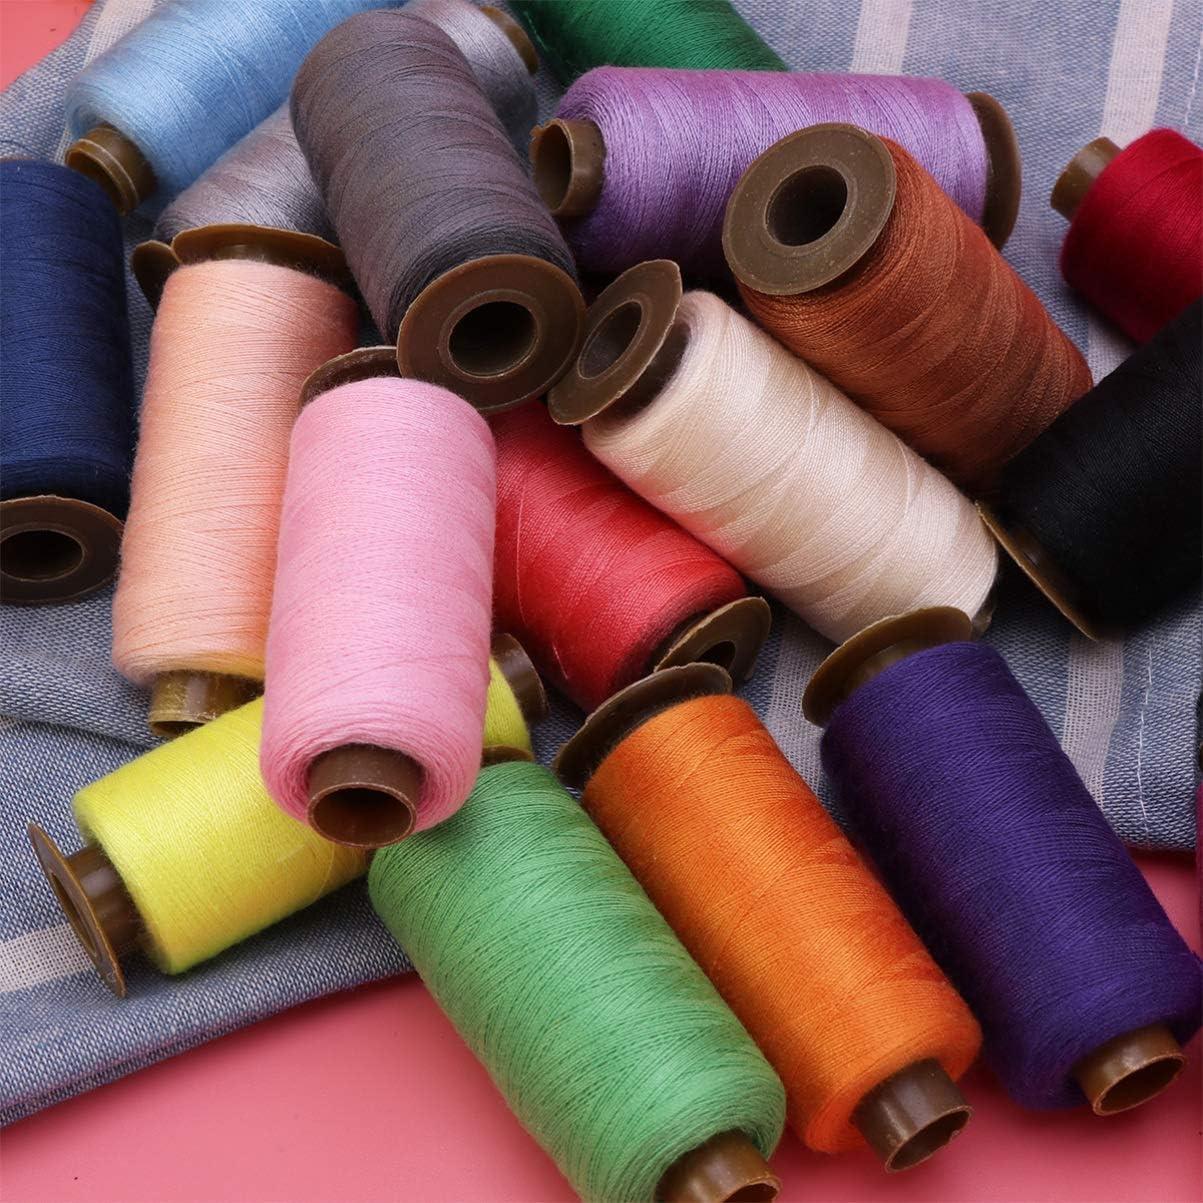 HEALLILY Fils /à Coudre 500 M/ètres Bobines Color/ées Fil de C/ône pour Draperie Perles Rembourrage Couture Artisanat Fournitures 24 Pcs